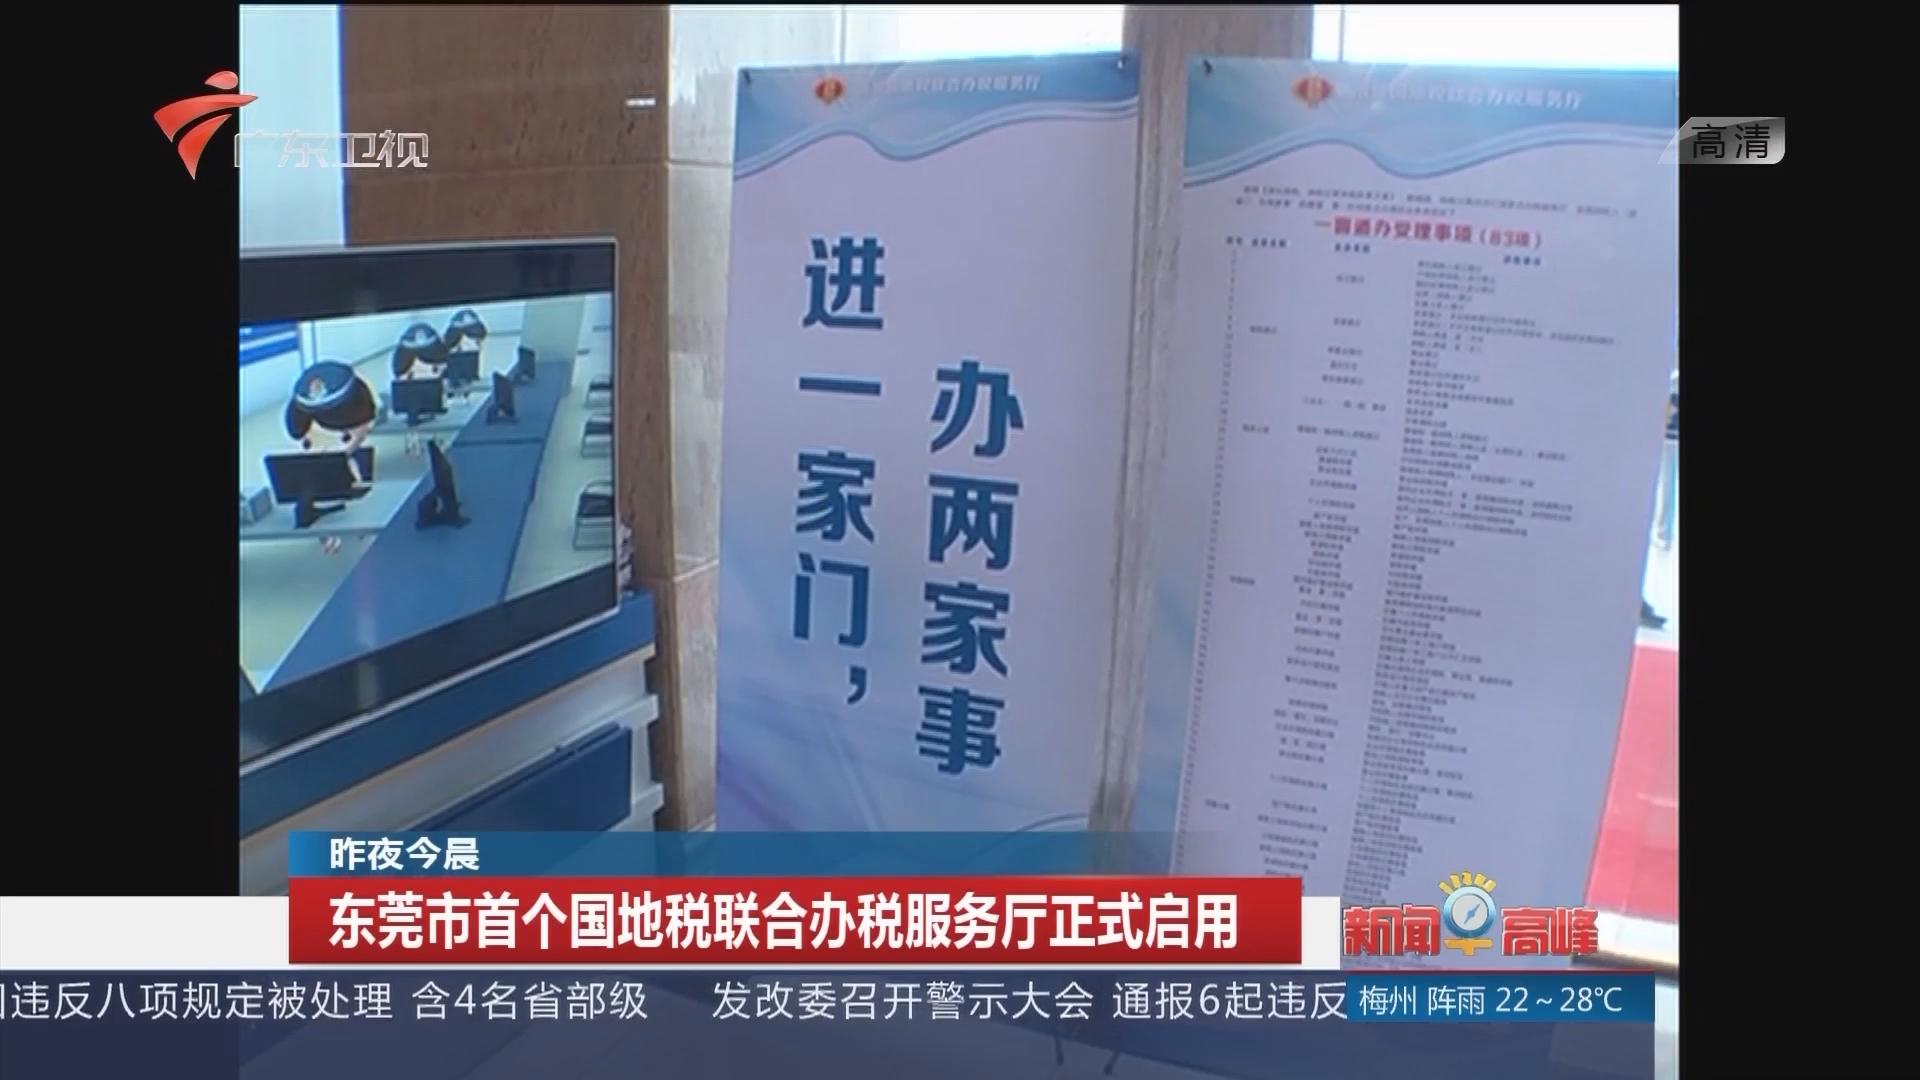 昨夜今晨:东莞市首个国地税联合办税服务厅正式启用